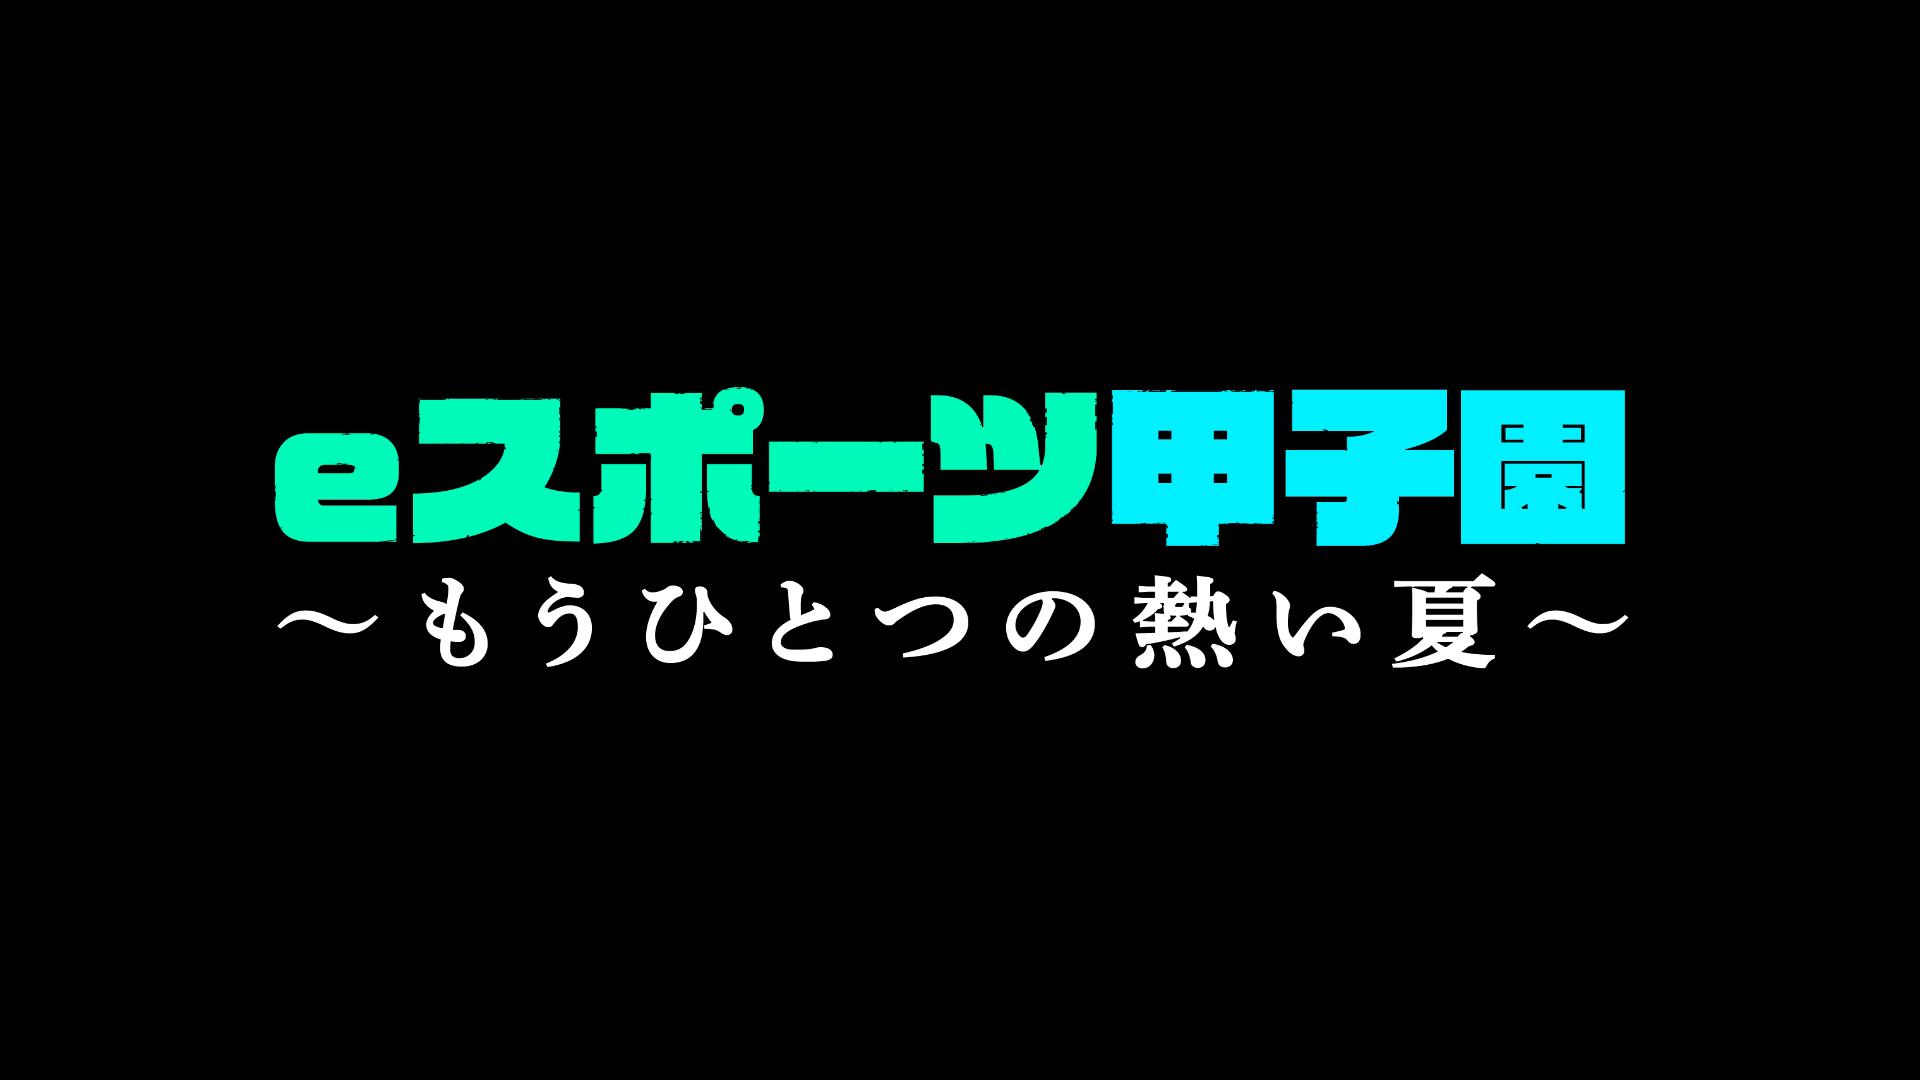 TVQ「eスポーツ甲子園~もうひとつの熱い夏~」